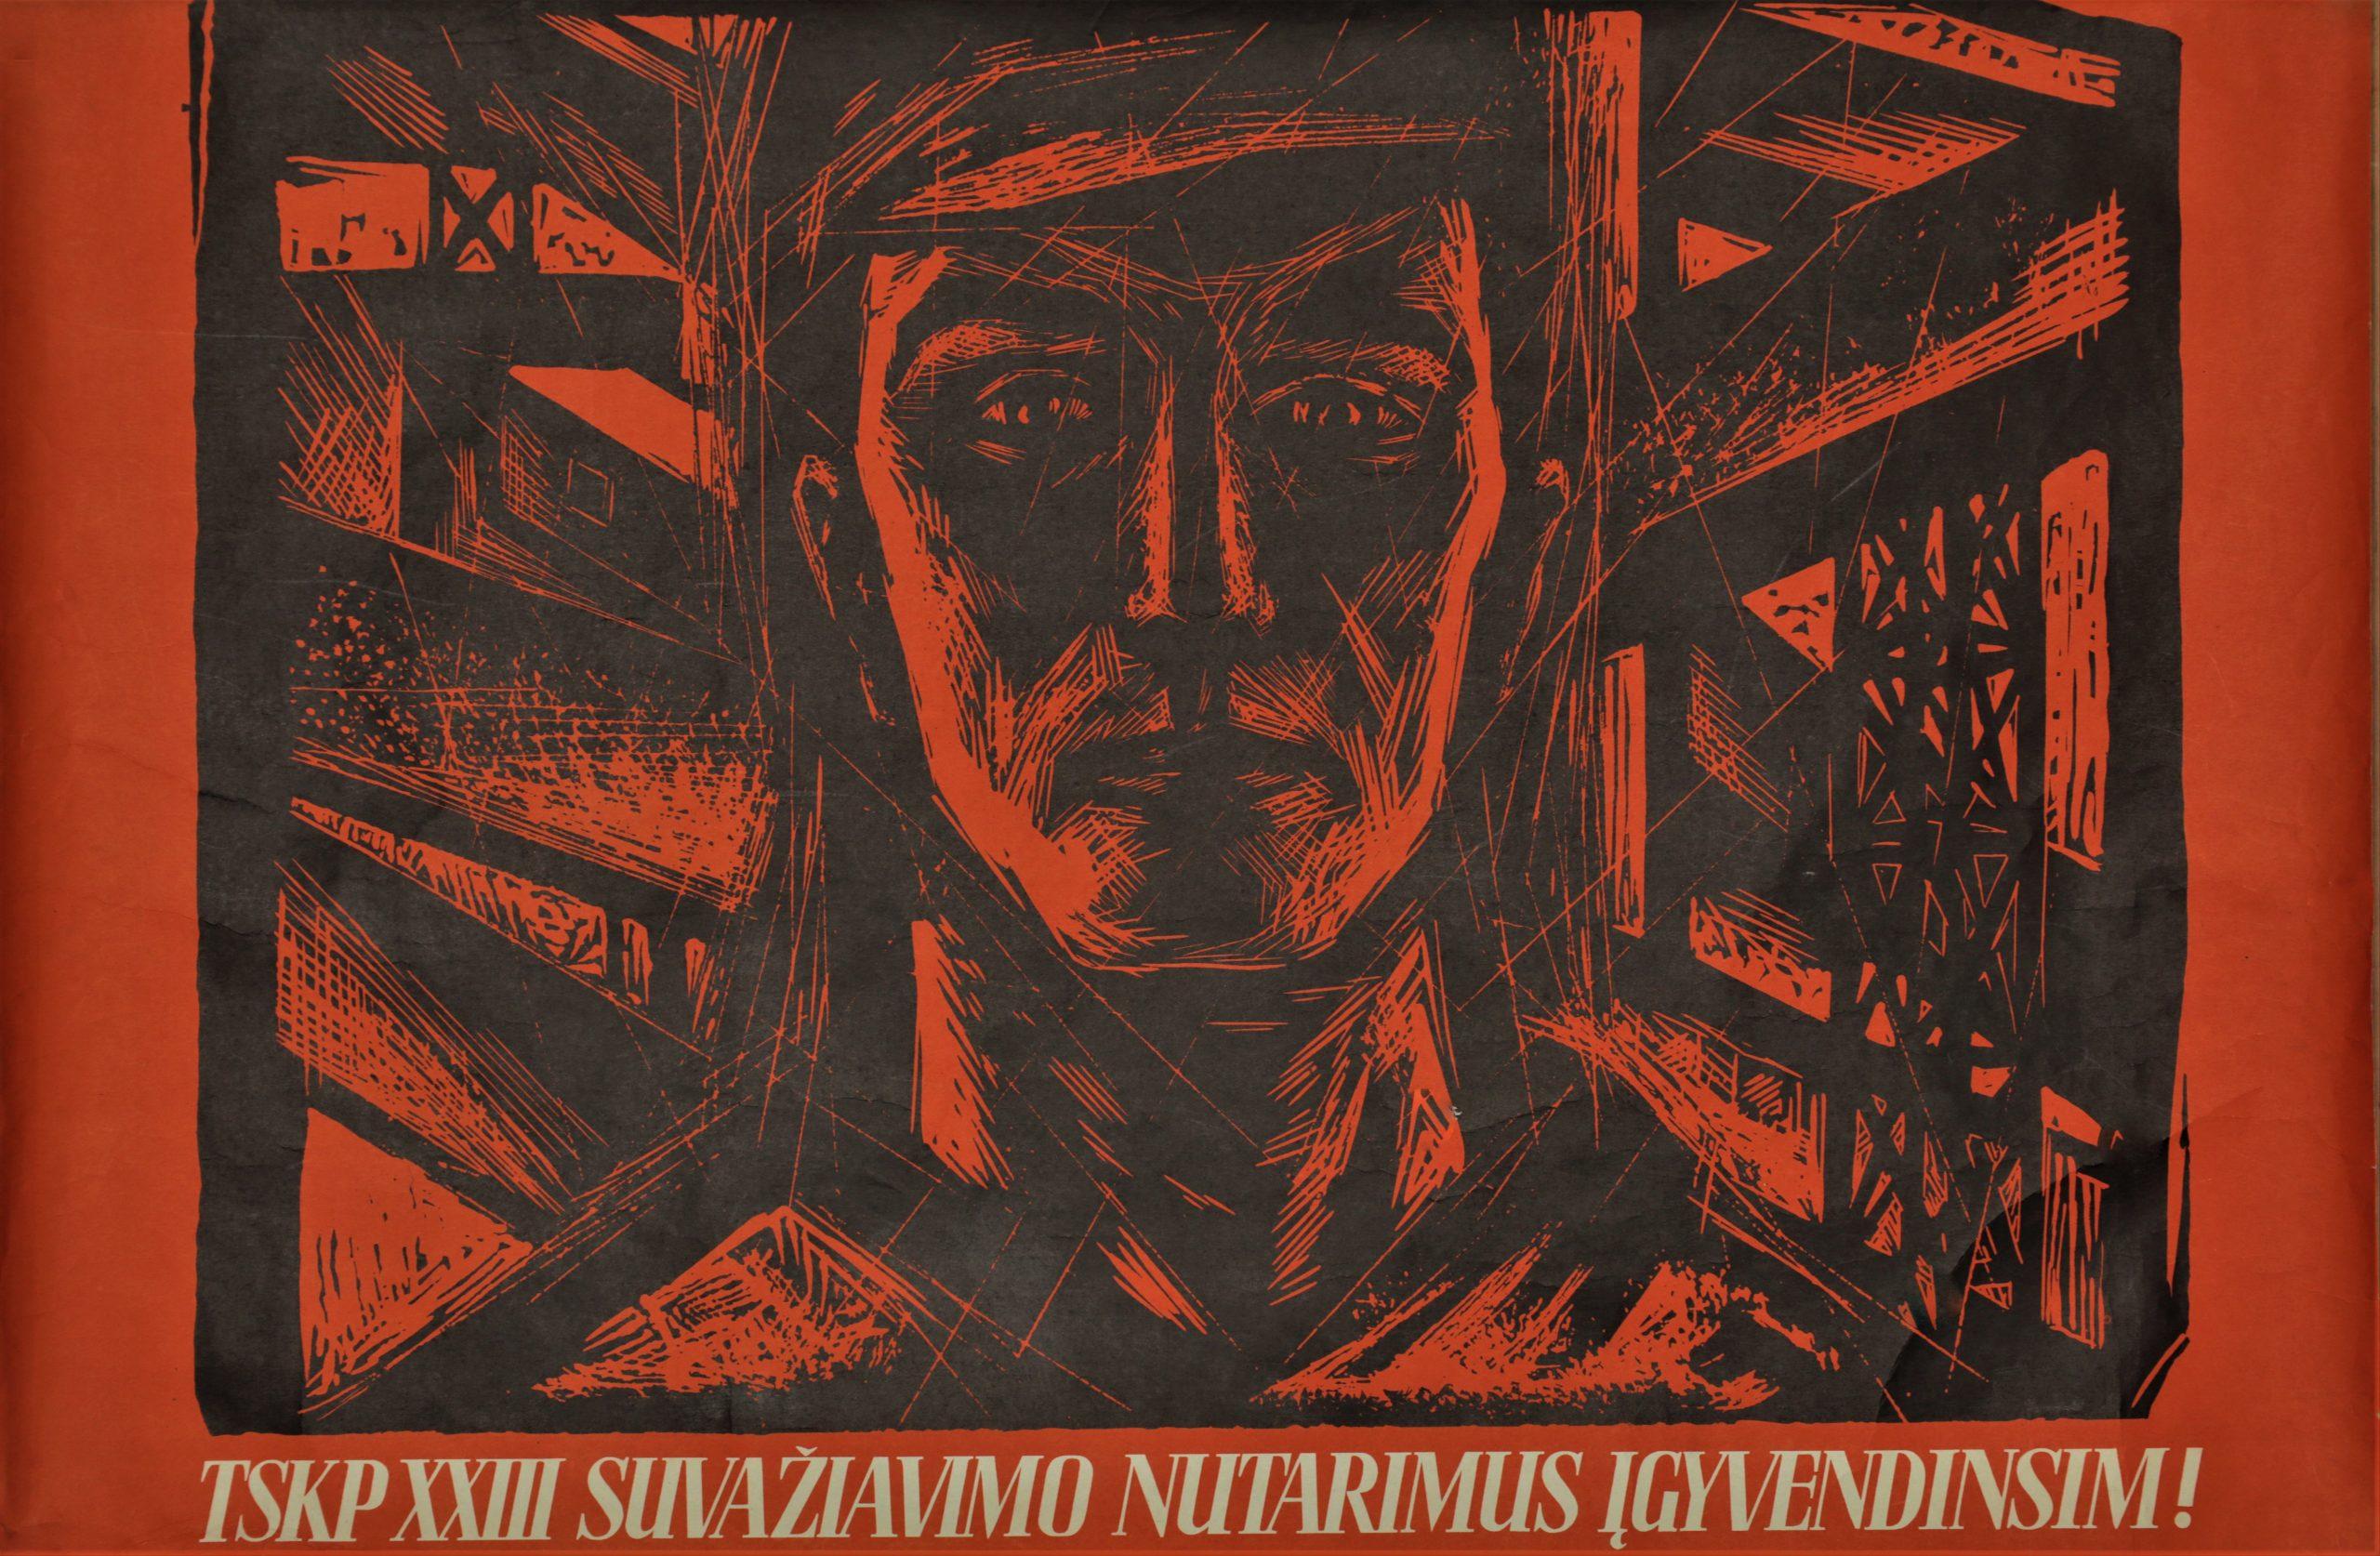 TSKP XXIII suvažiavimo nutarimus įgyvendinsim!, plakato dailininkas V. Valius, 1966 m.